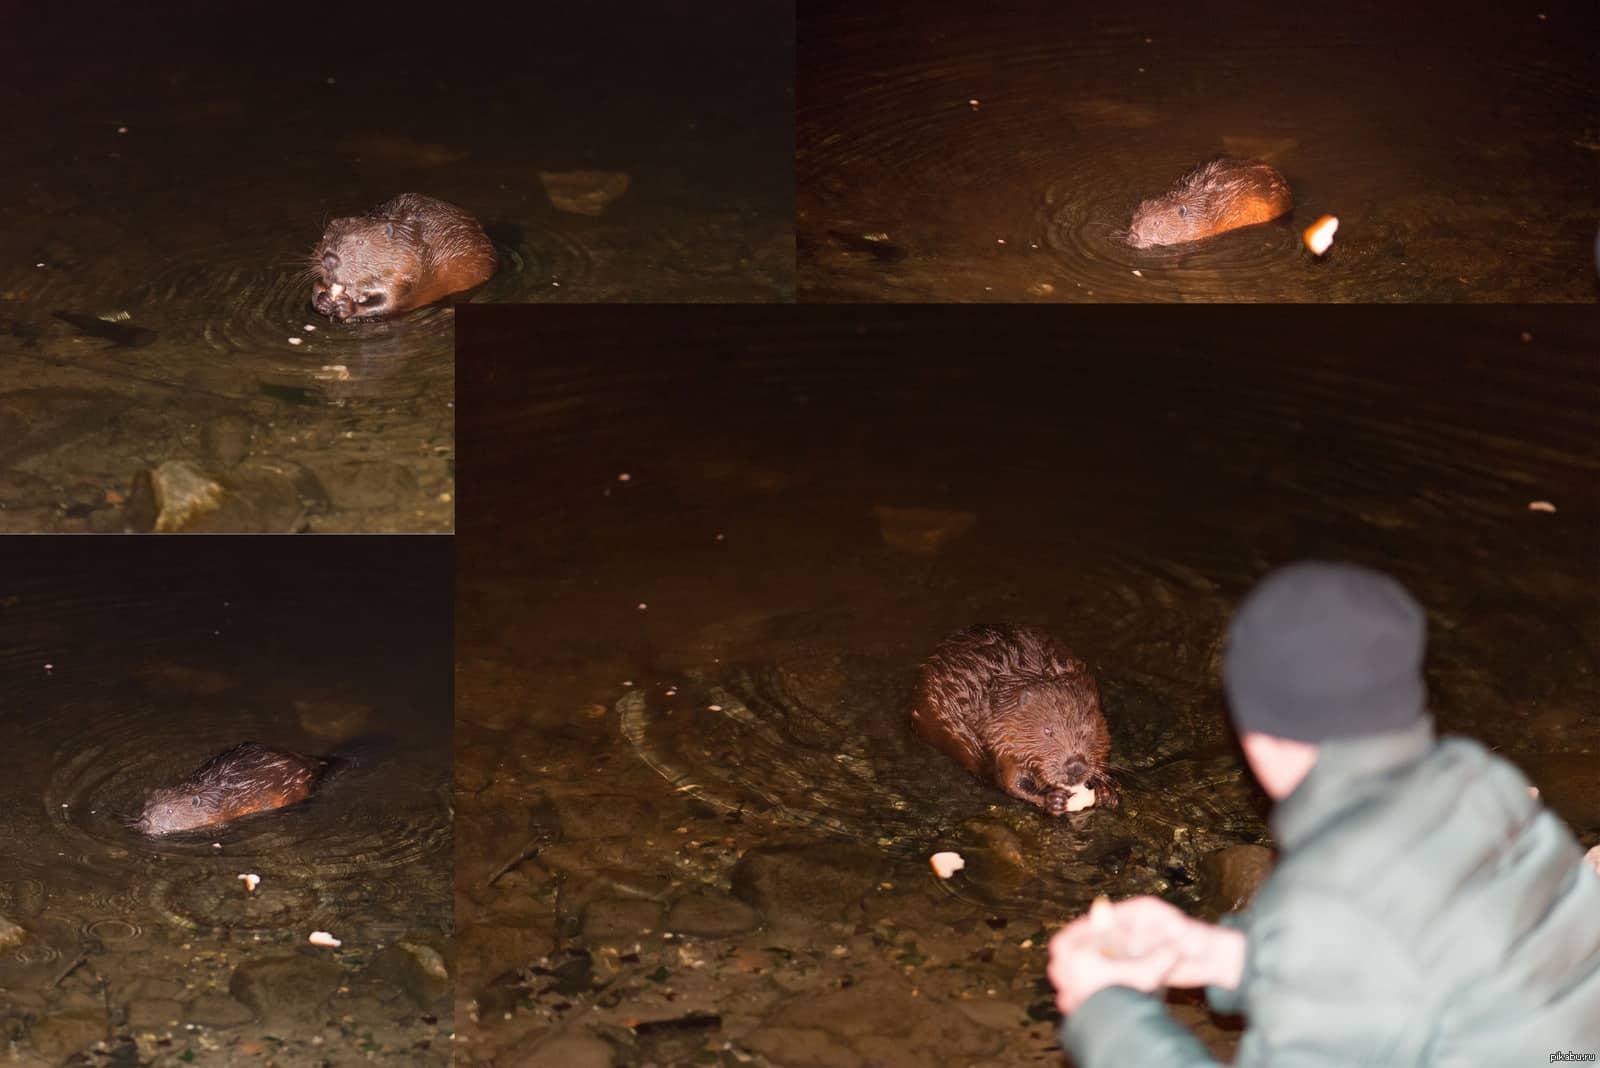 Бобры в Москве-реке: вернулись спустя много лет, причины, где посмотреть бобров